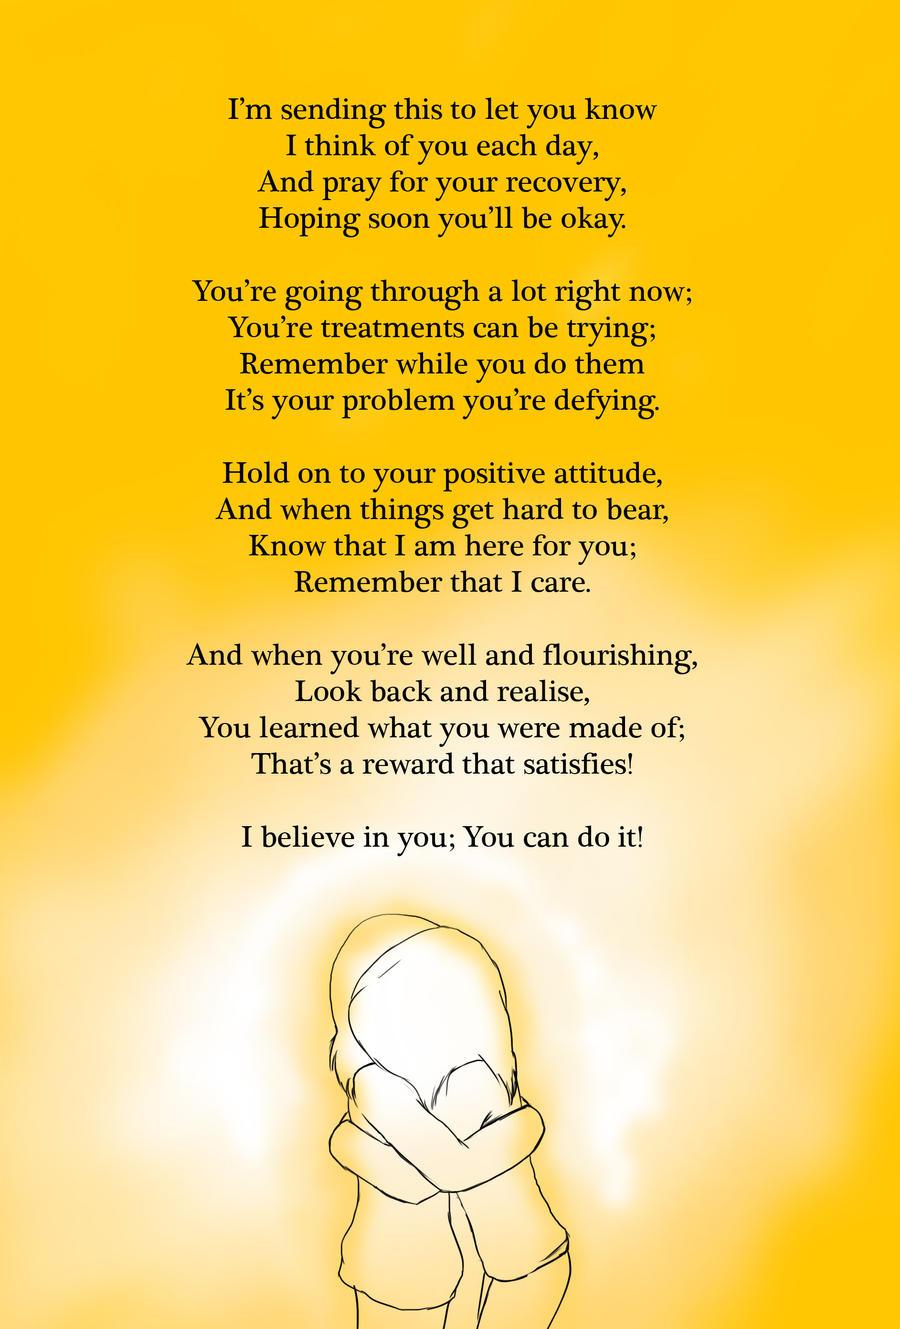 Get Well Soon poem